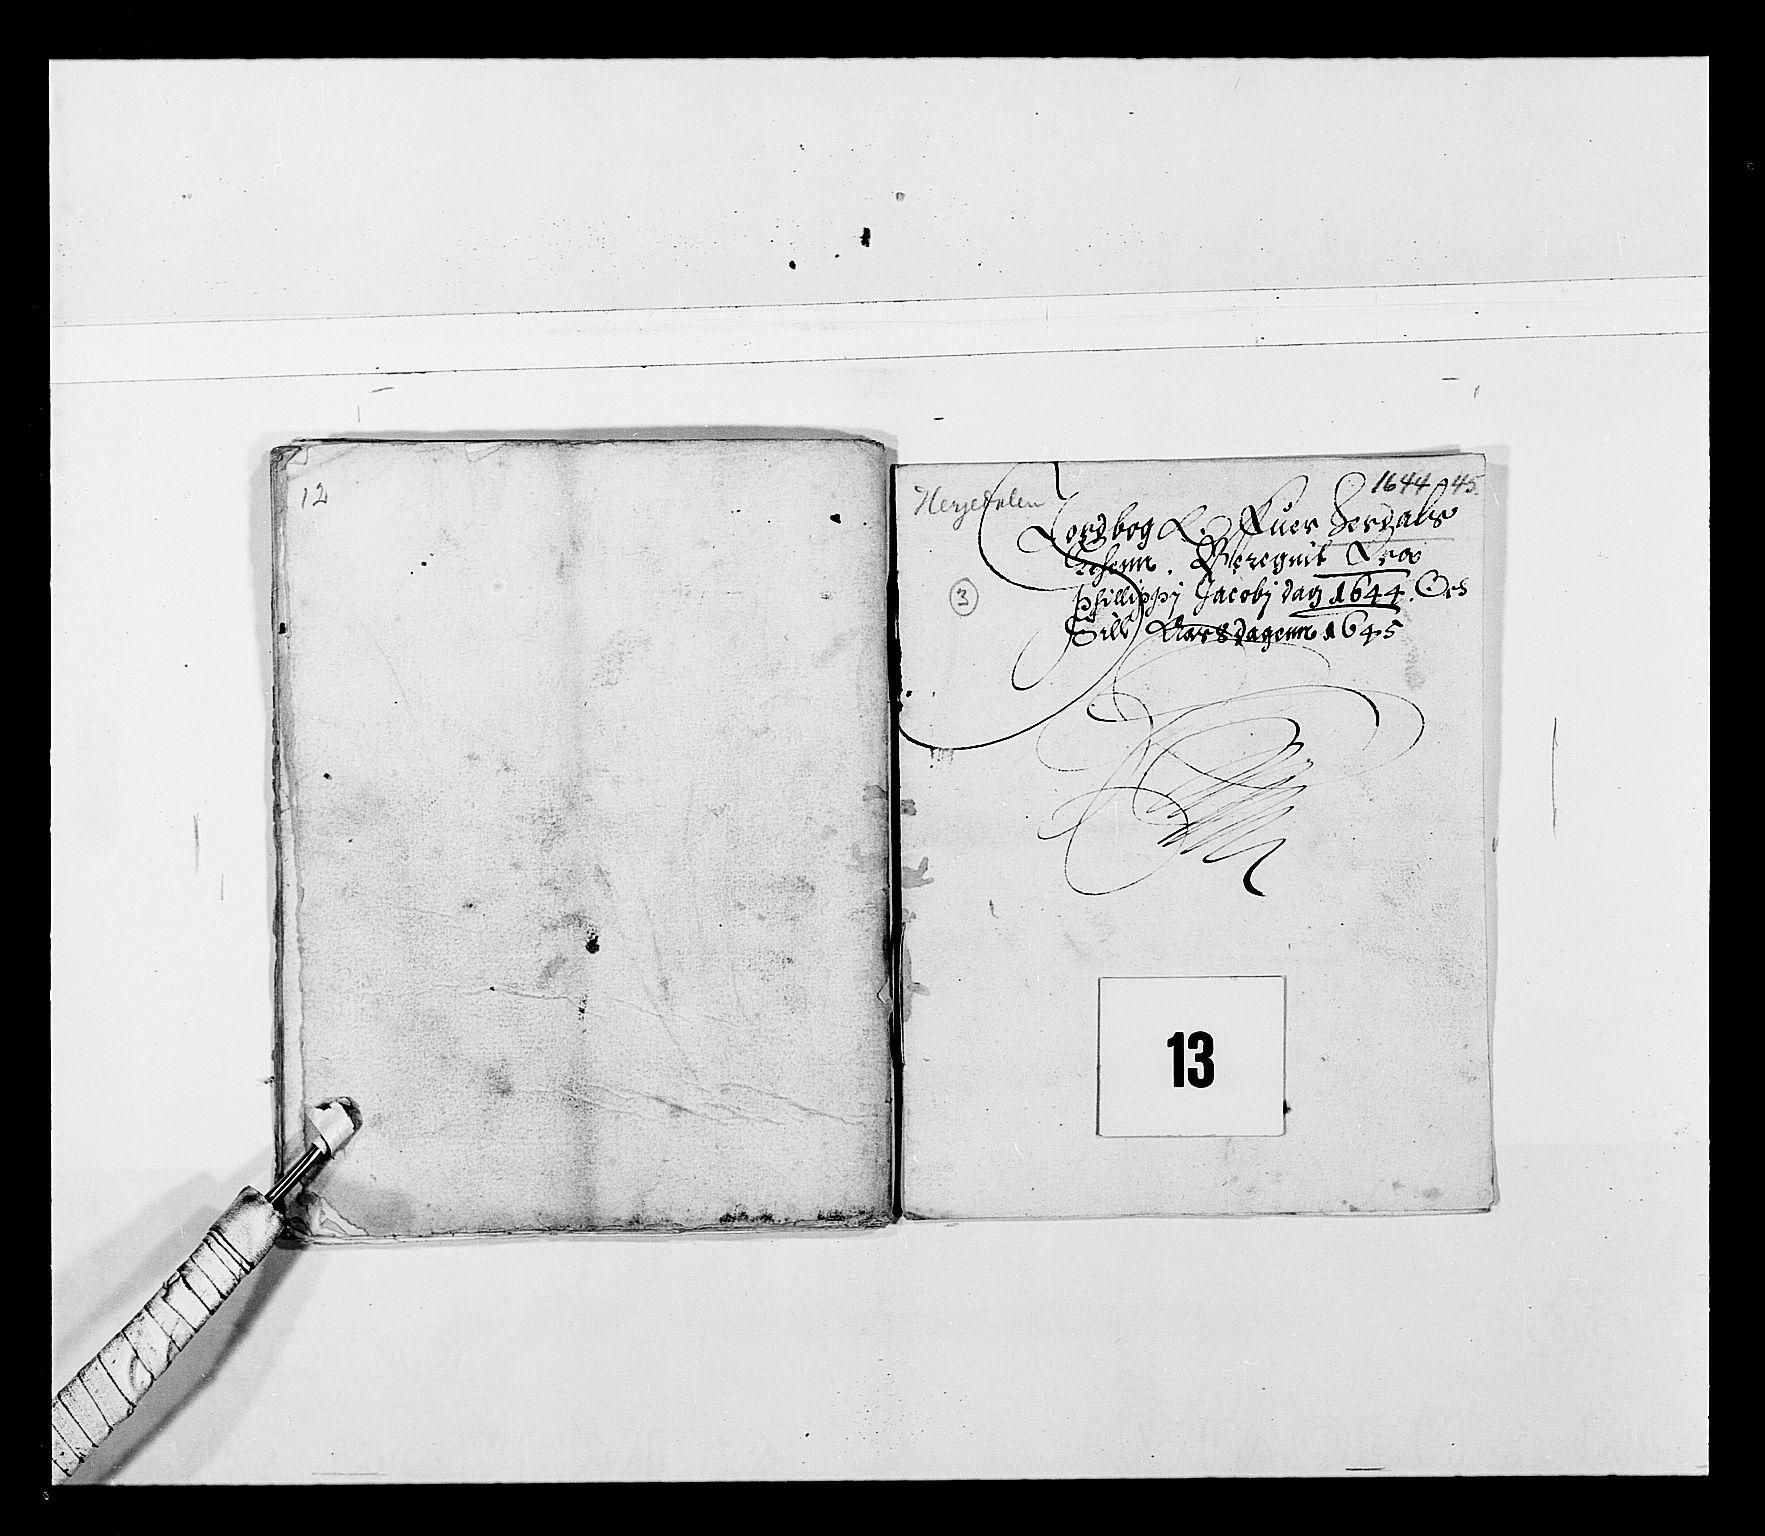 RA, Stattholderembetet 1572-1771, Ek/L0027: Jordebøker 1633-1658:, 1644-1645, s. 53